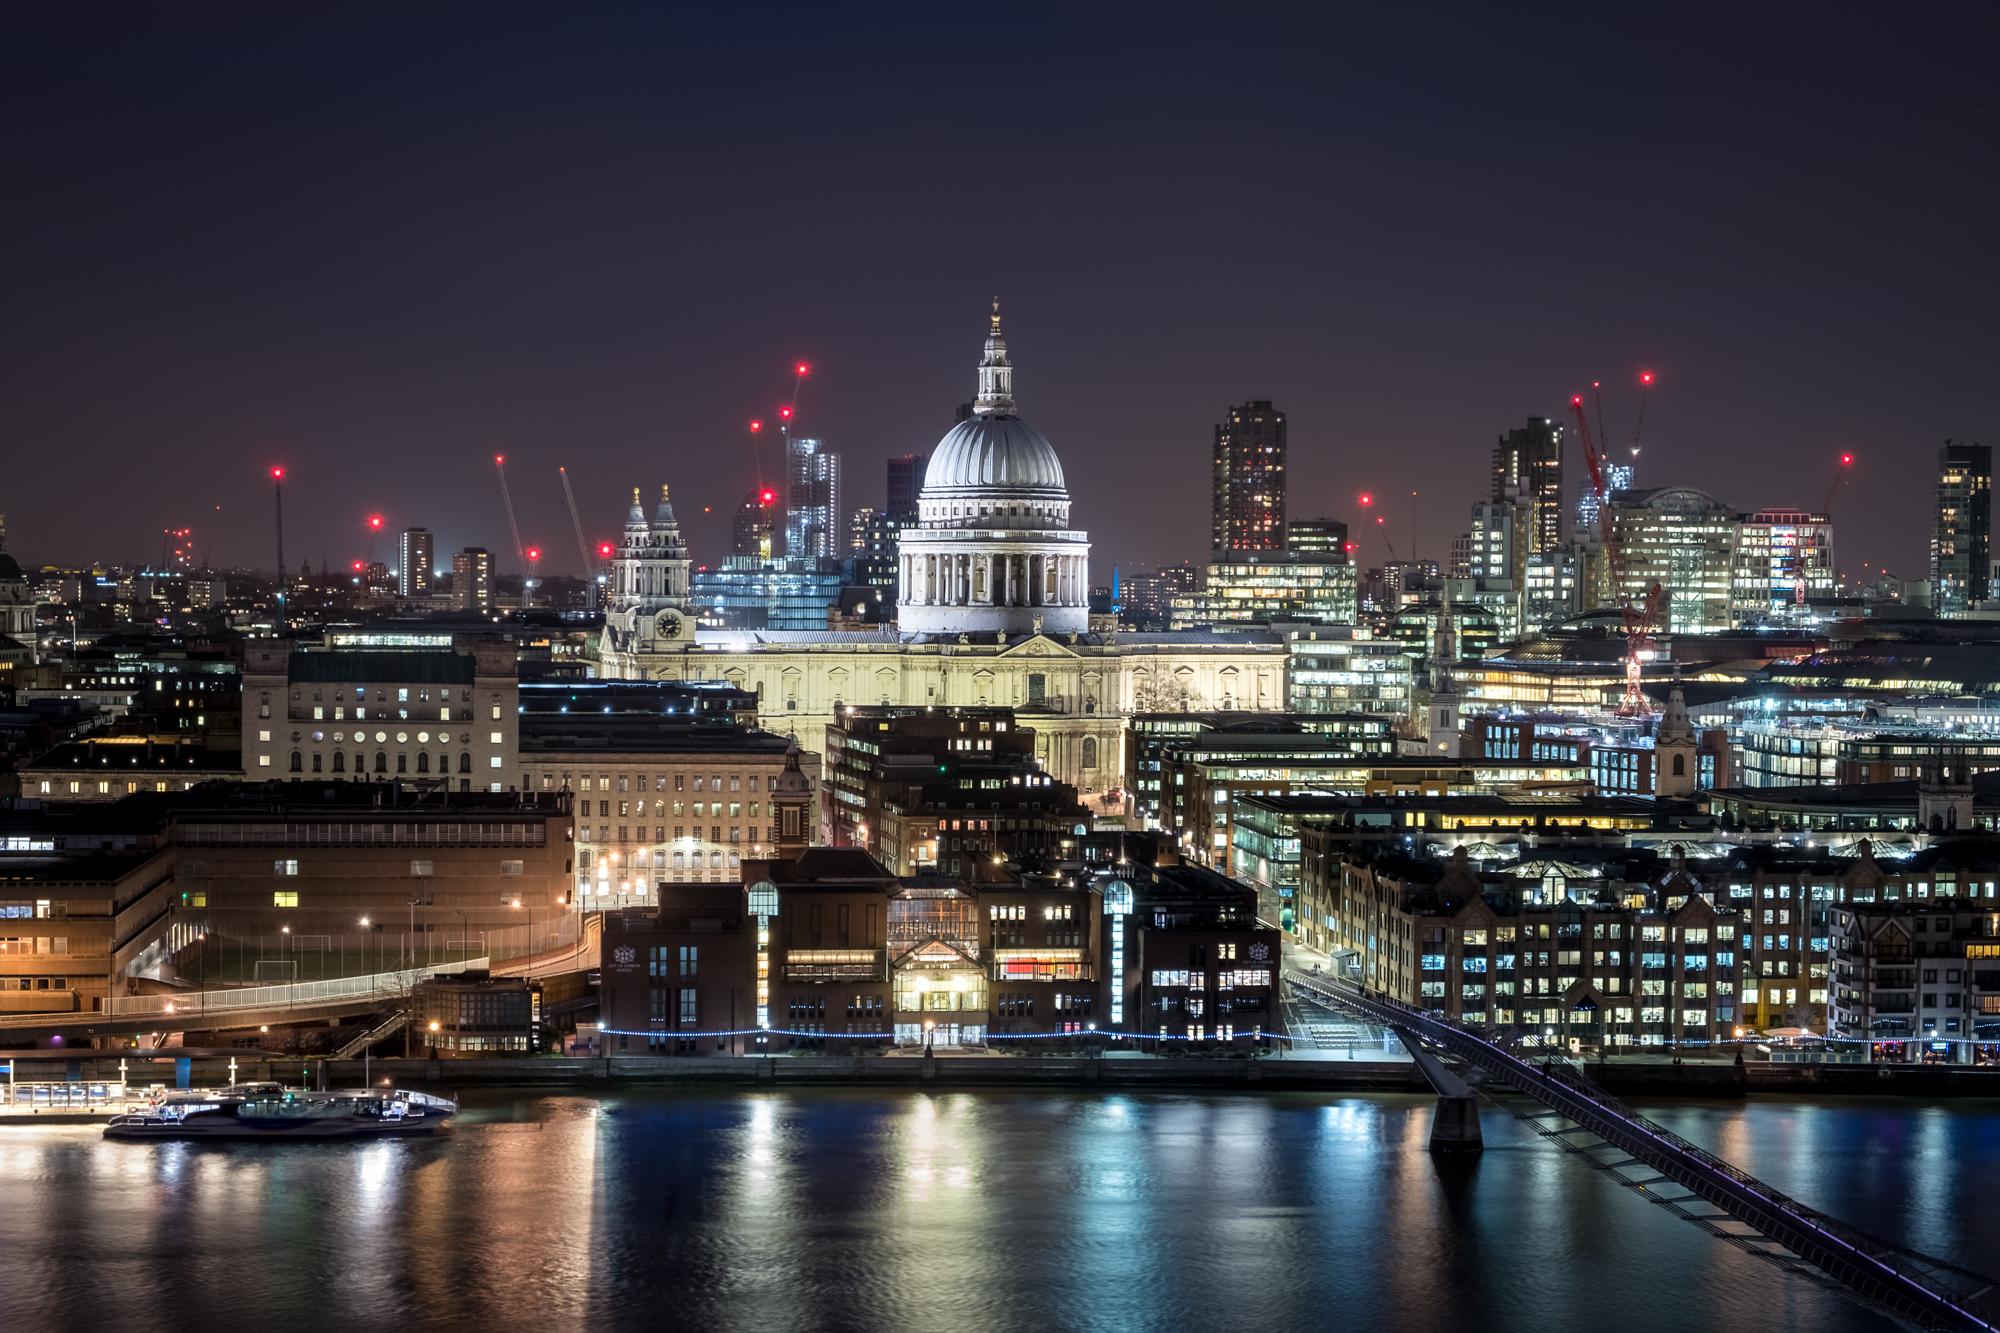 London At Night -